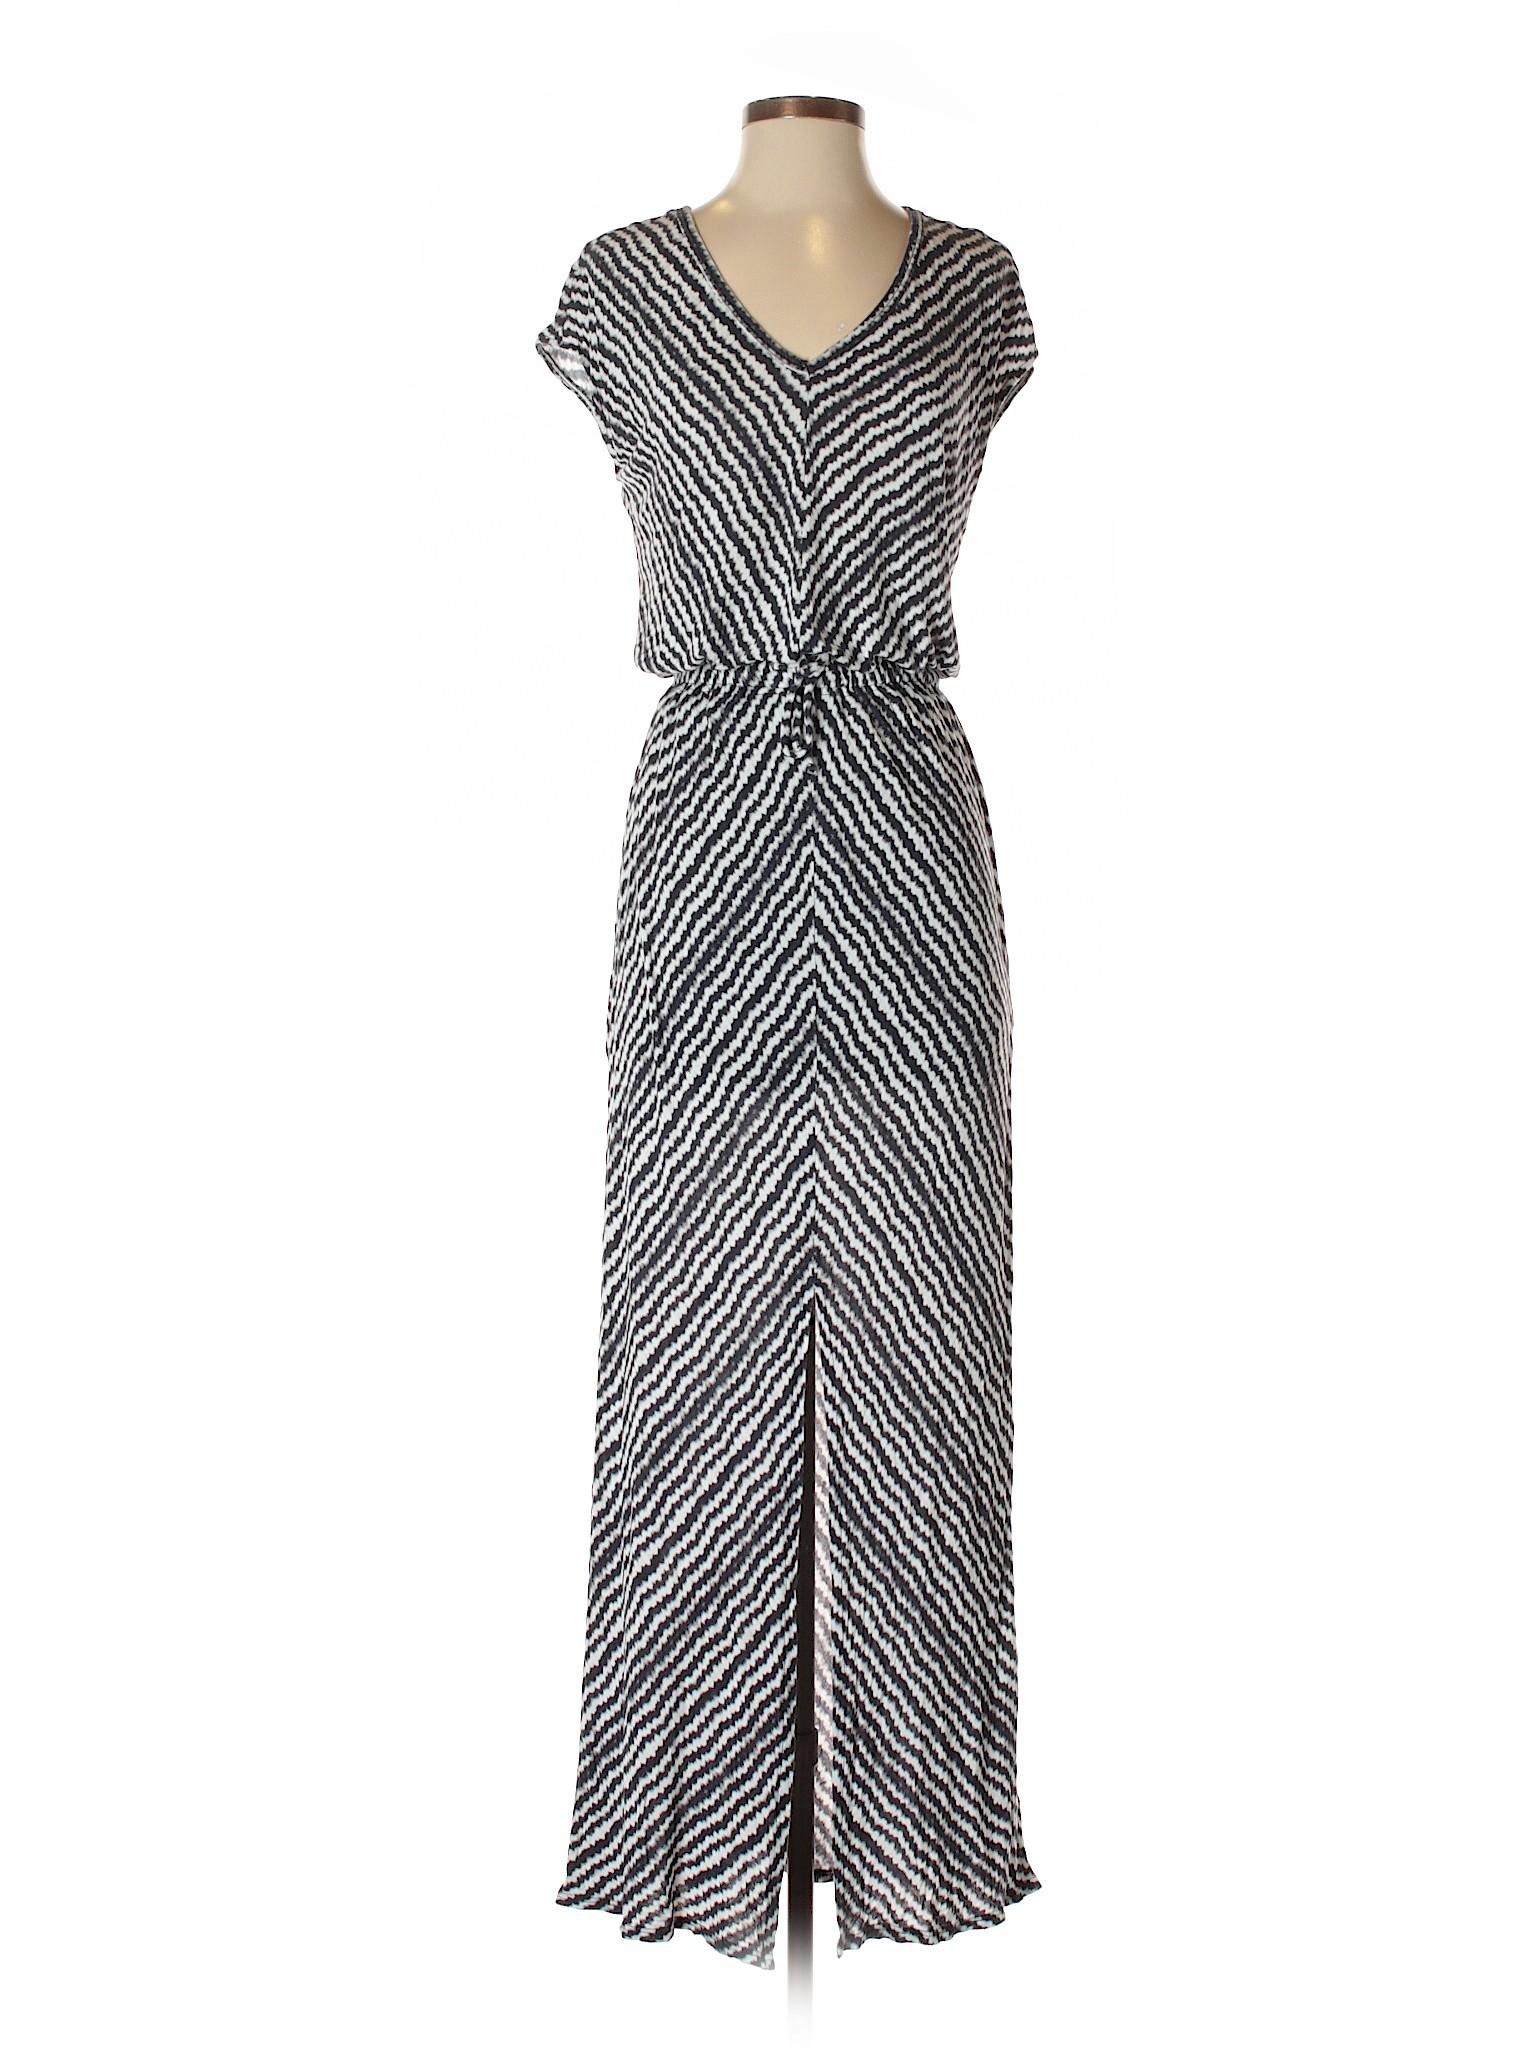 Casual Dress Velvet Selling Selling Velvet rFIT7It